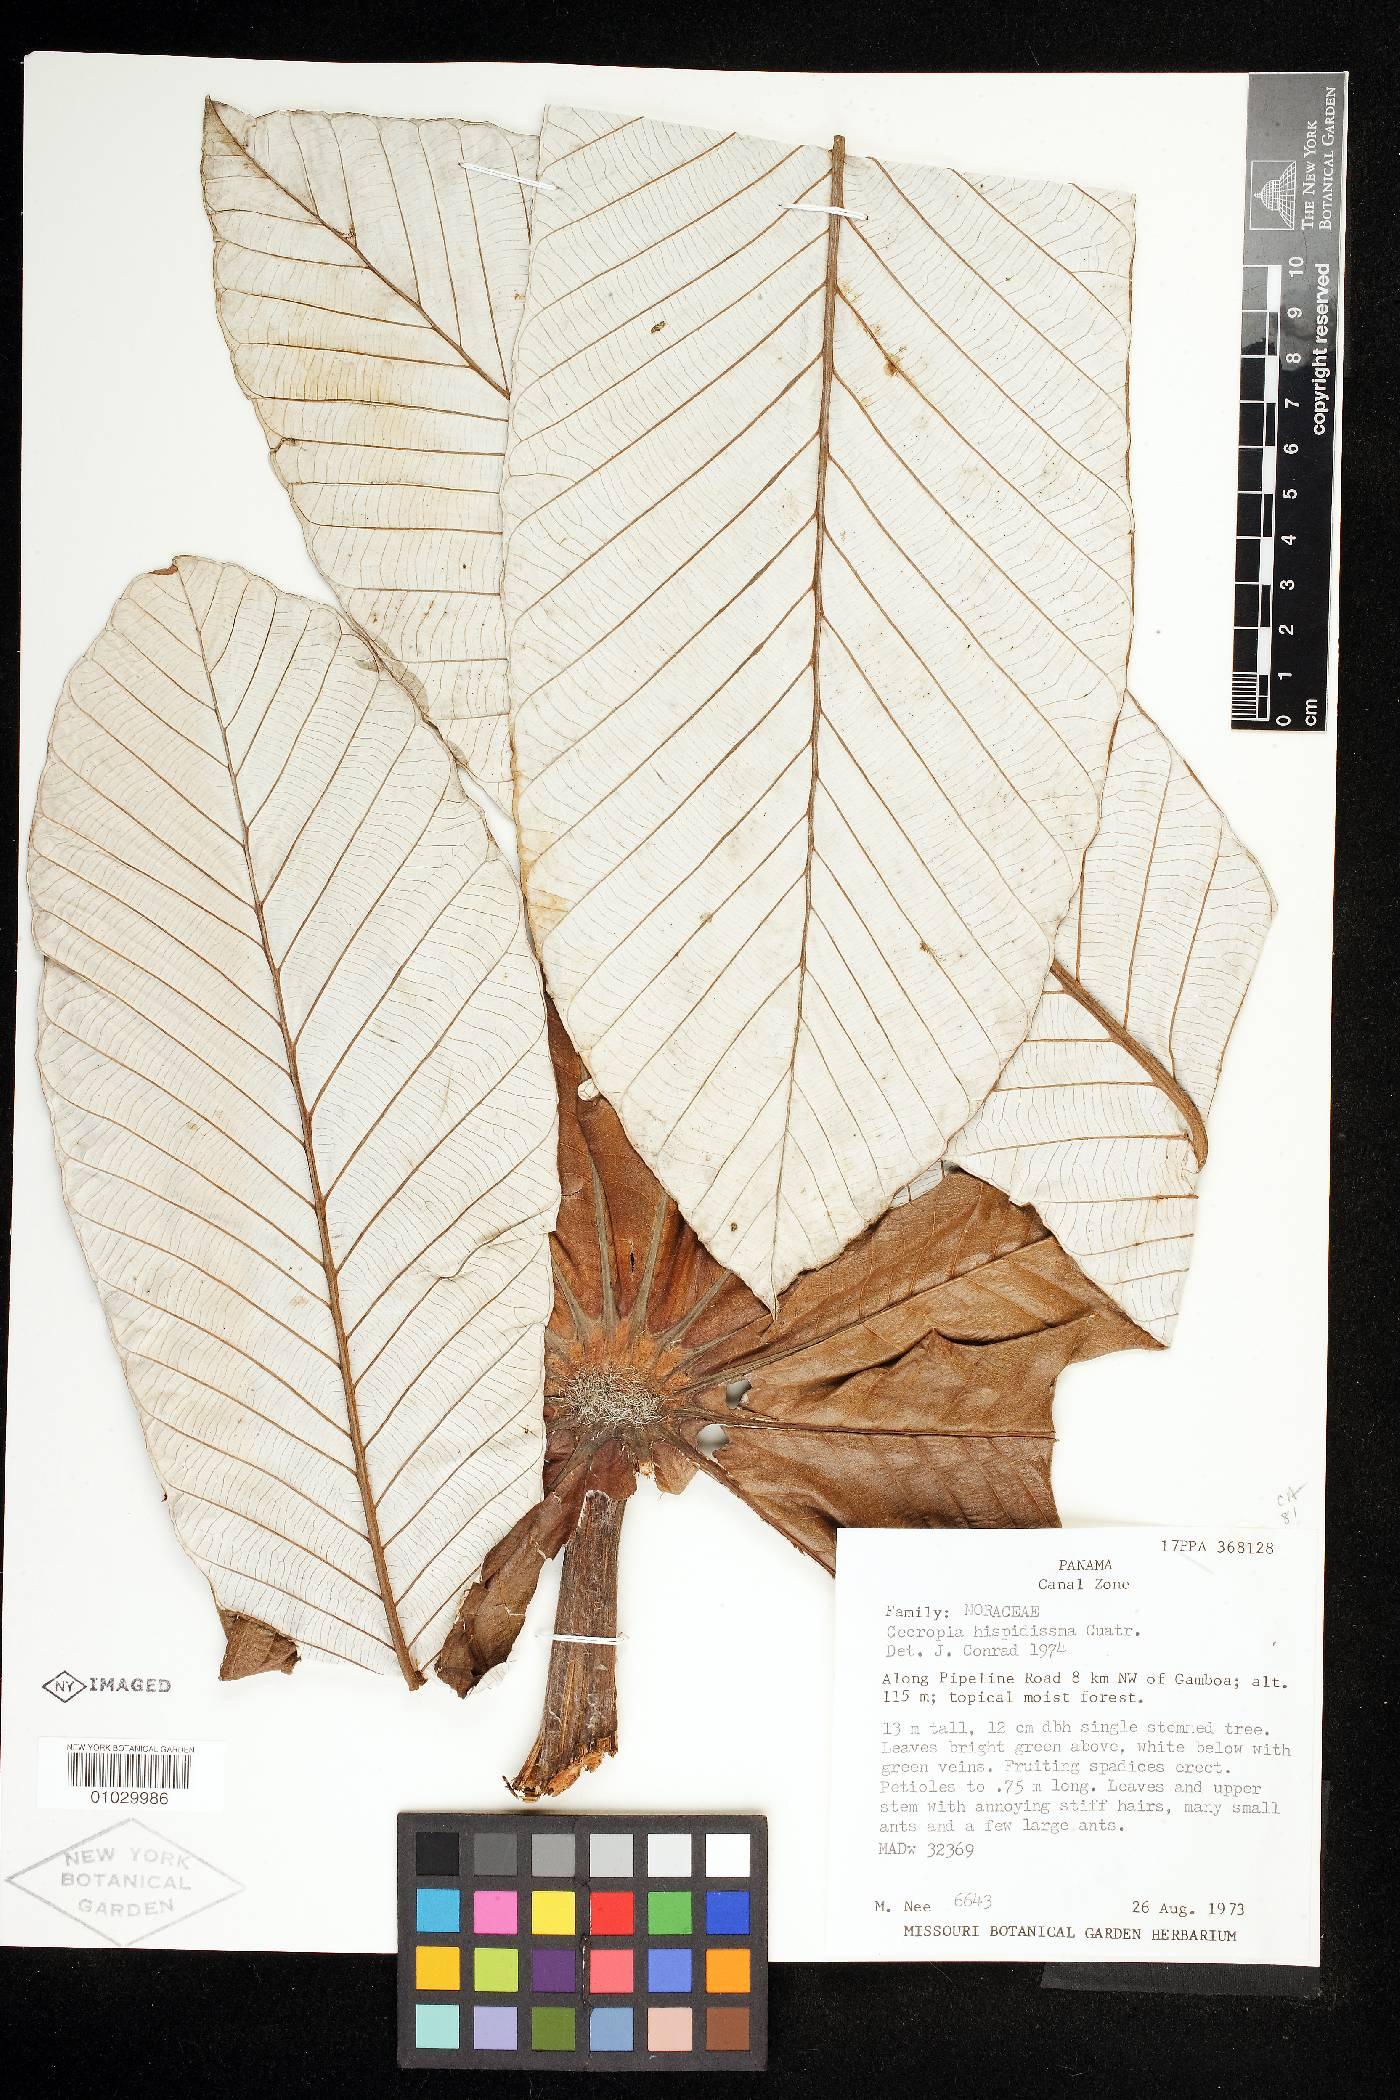 Cecropia hispidissima image